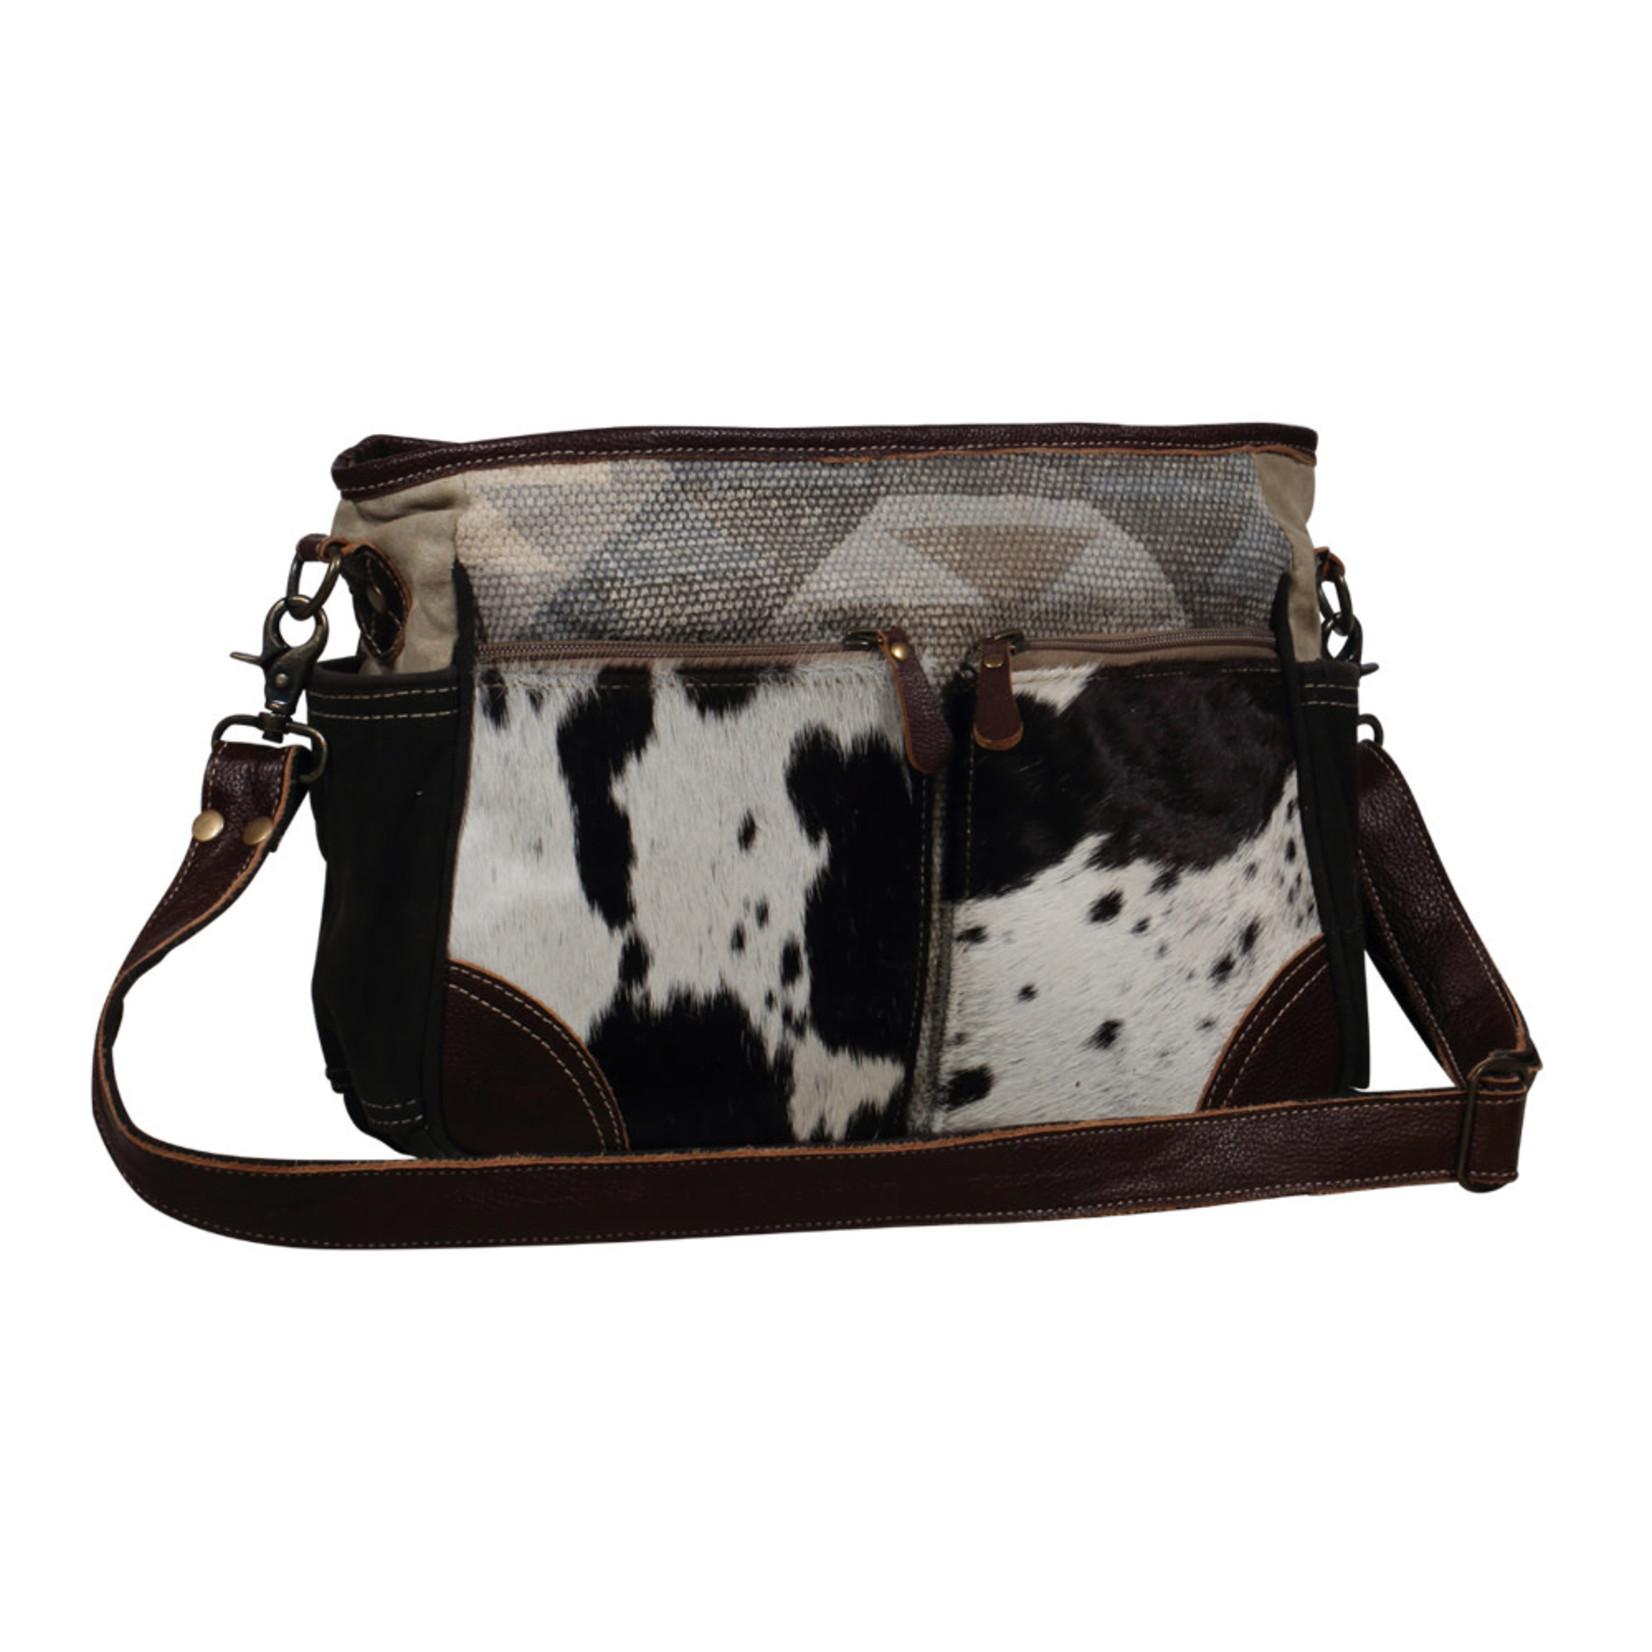 Myra Bags S-2019 Bearish Messenger Bag